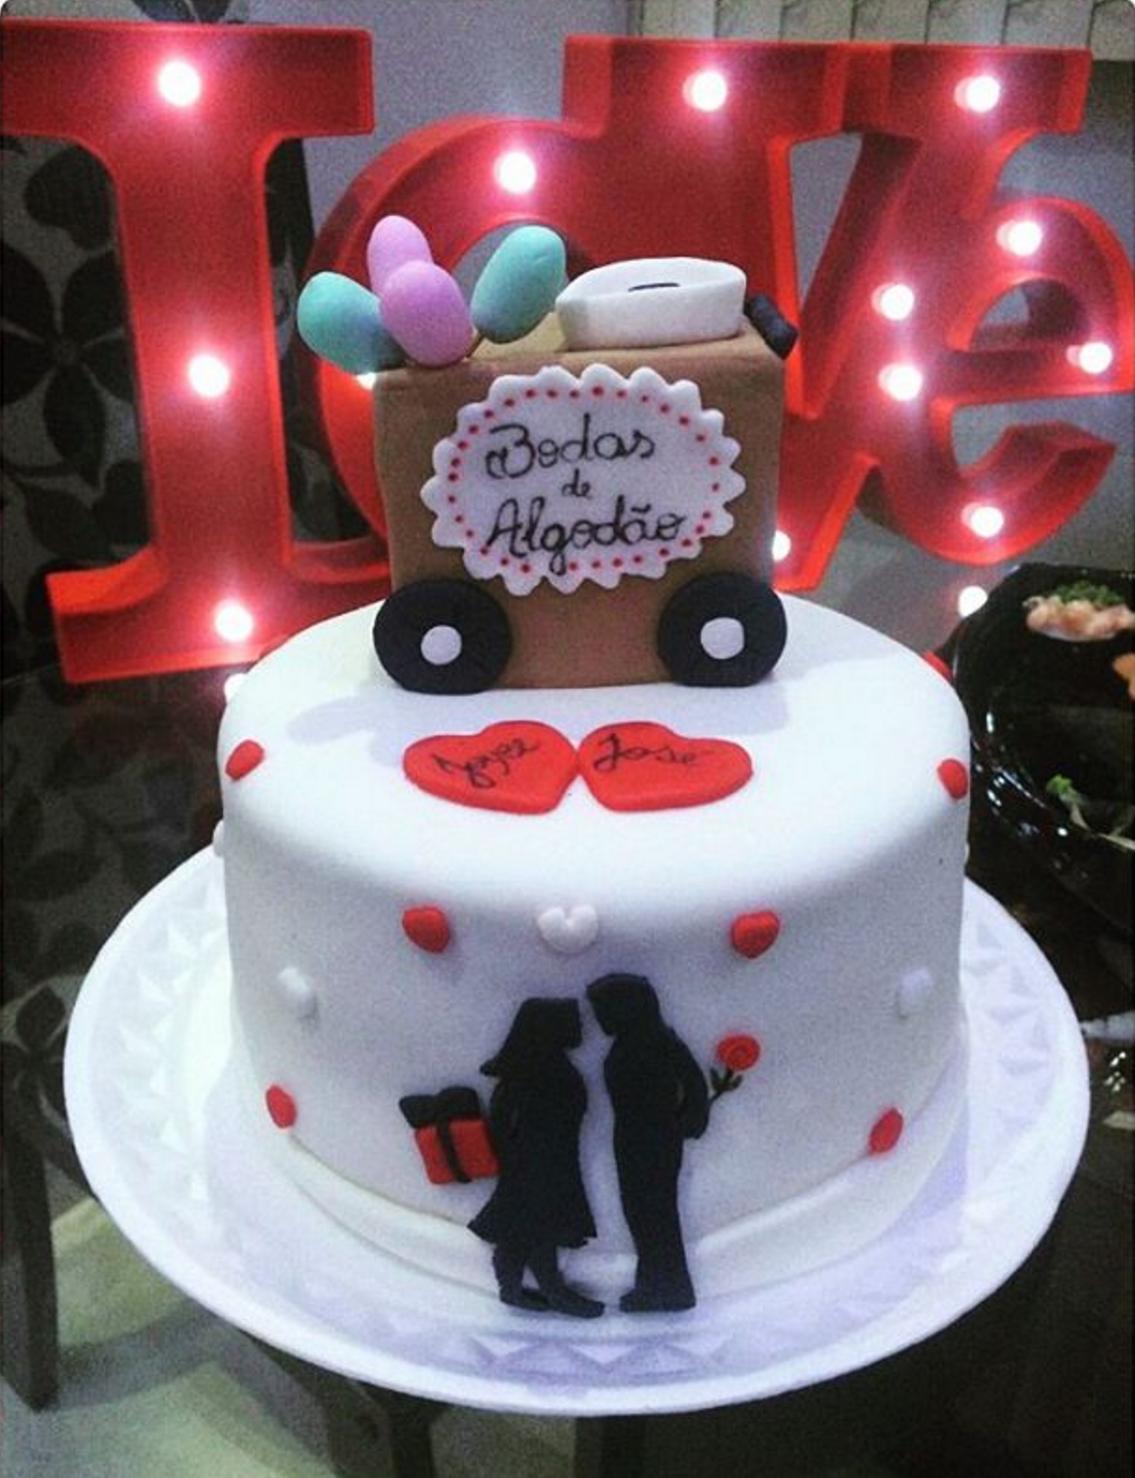 Para los que pasaron su primer año un detalle muy especial para celebrar su amor juntos un carrito de algodón de azúcar en la torta @cabocladoce